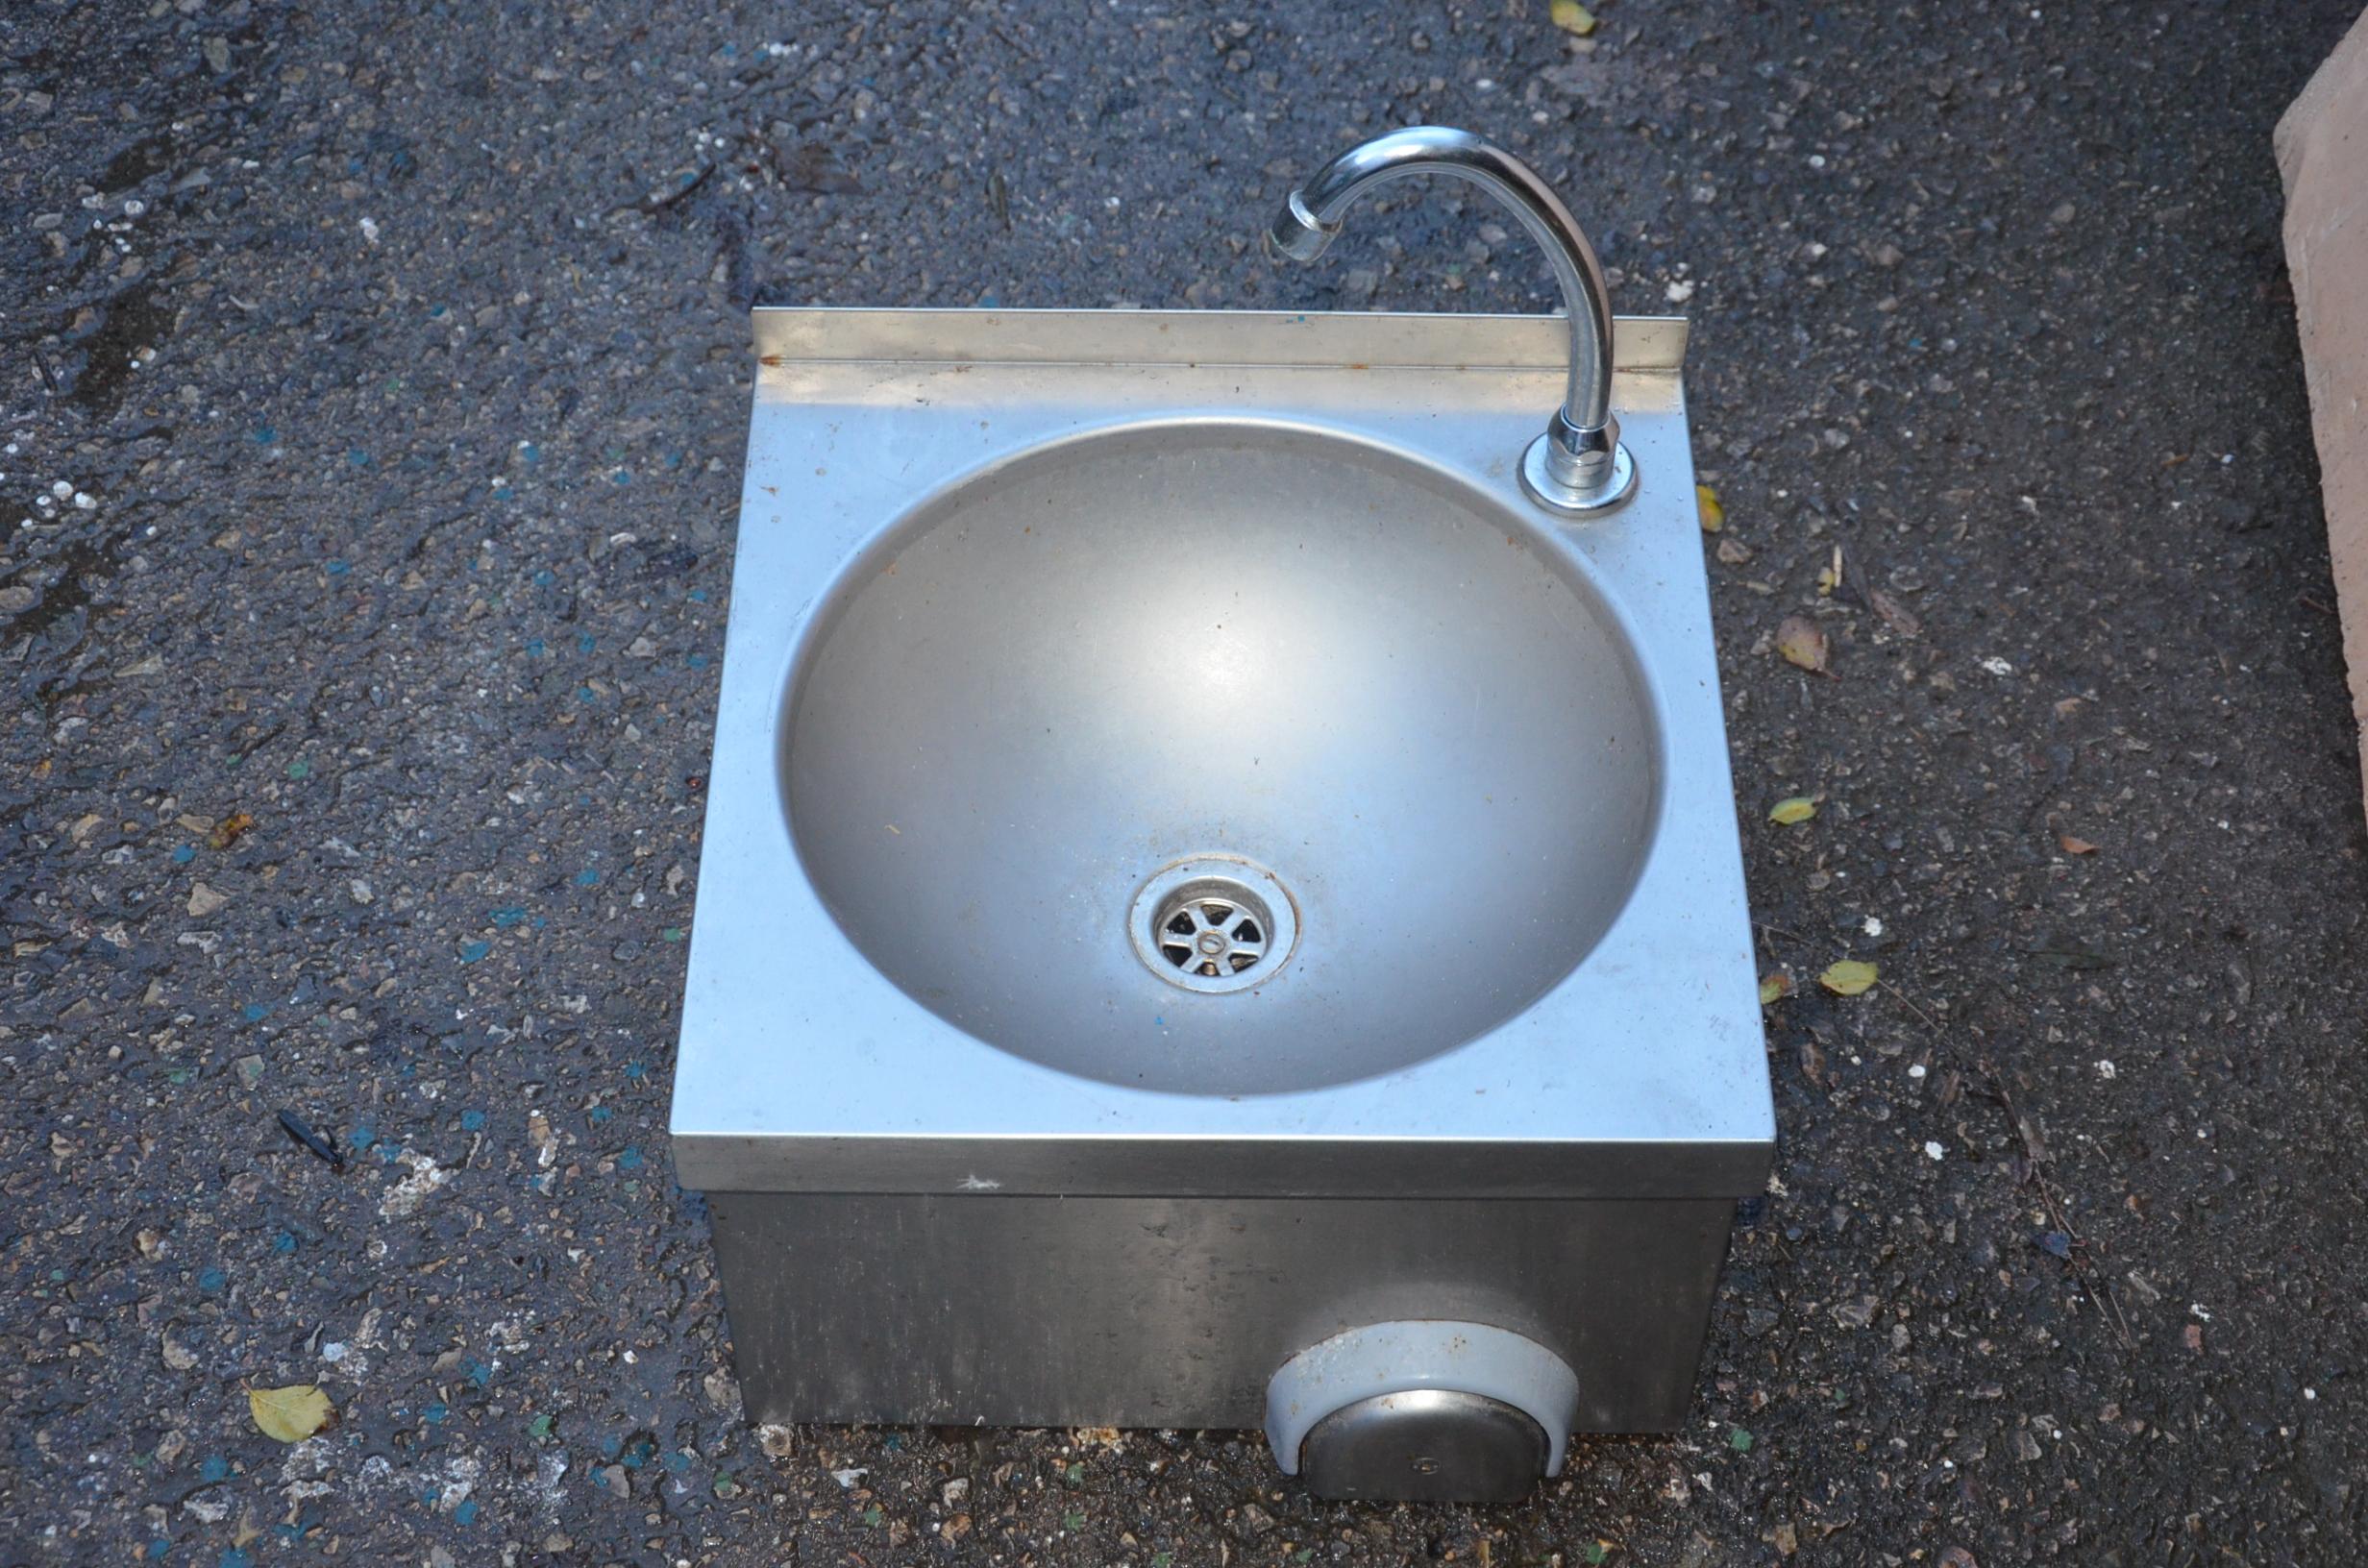 Piano cottura 2 fuochi usato glem gas cucina a gas fuochi for Cucine ristoranti usate fallimenti